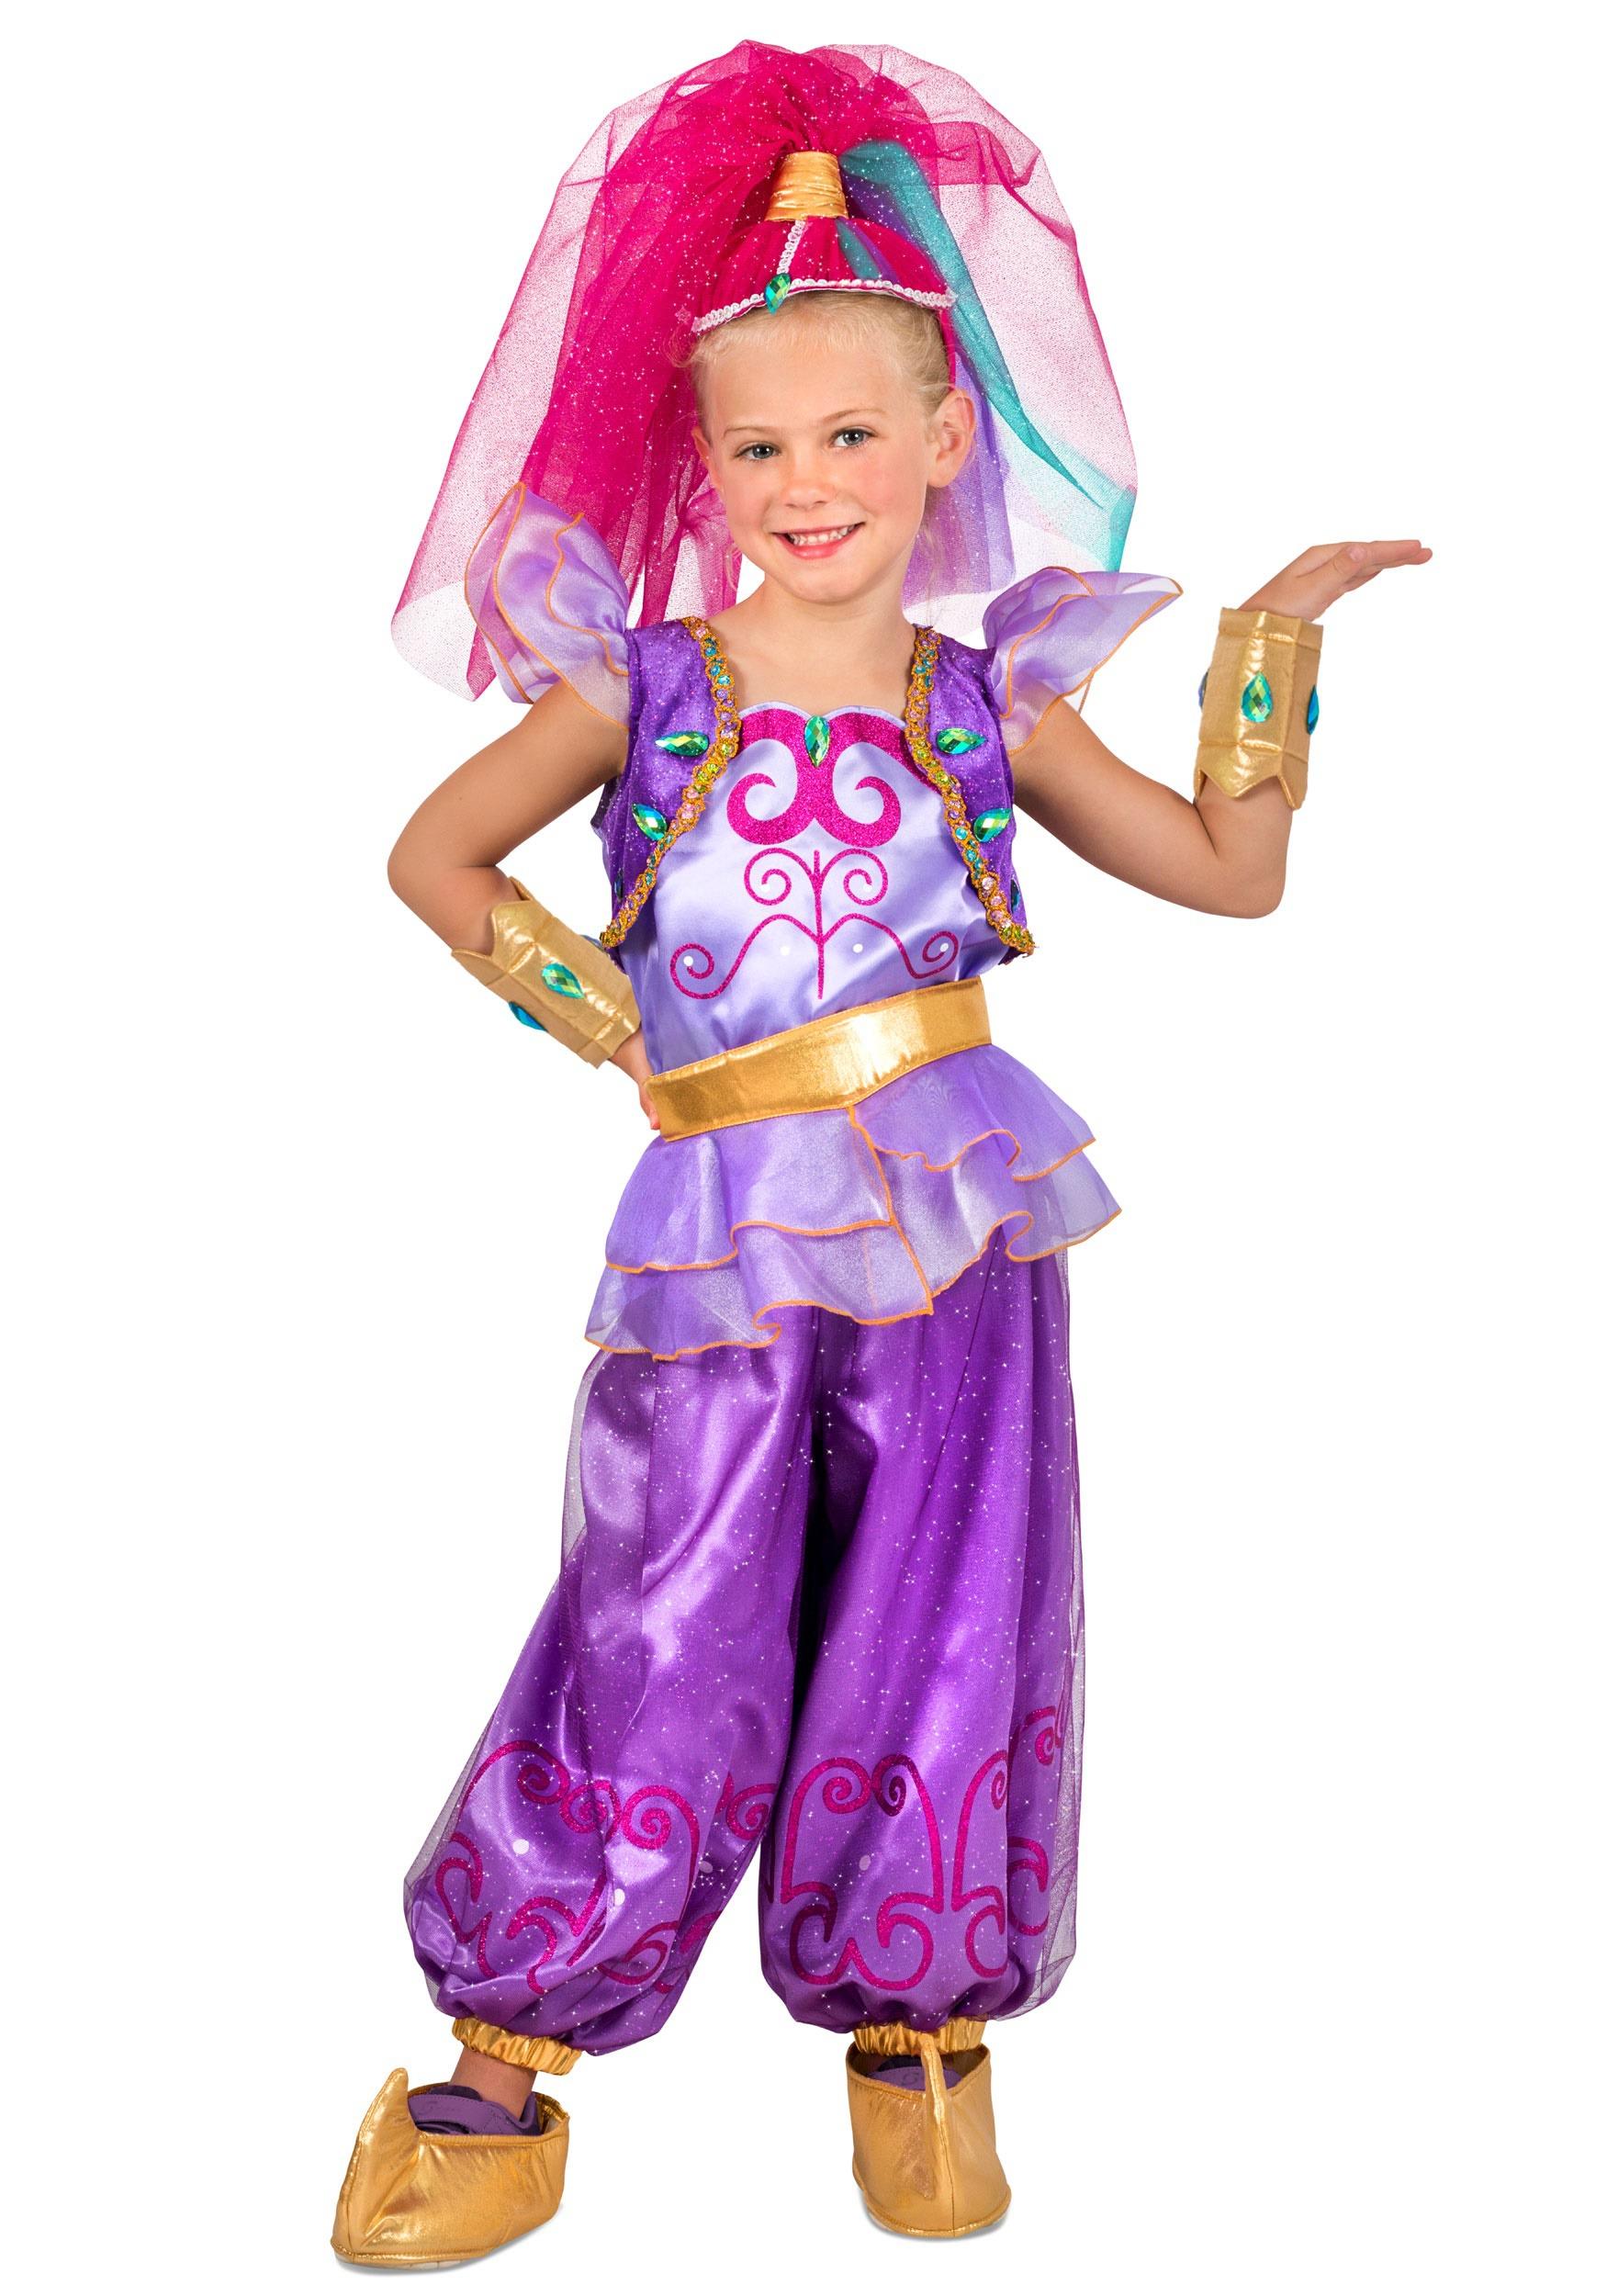 Shimmer Costume for Girls